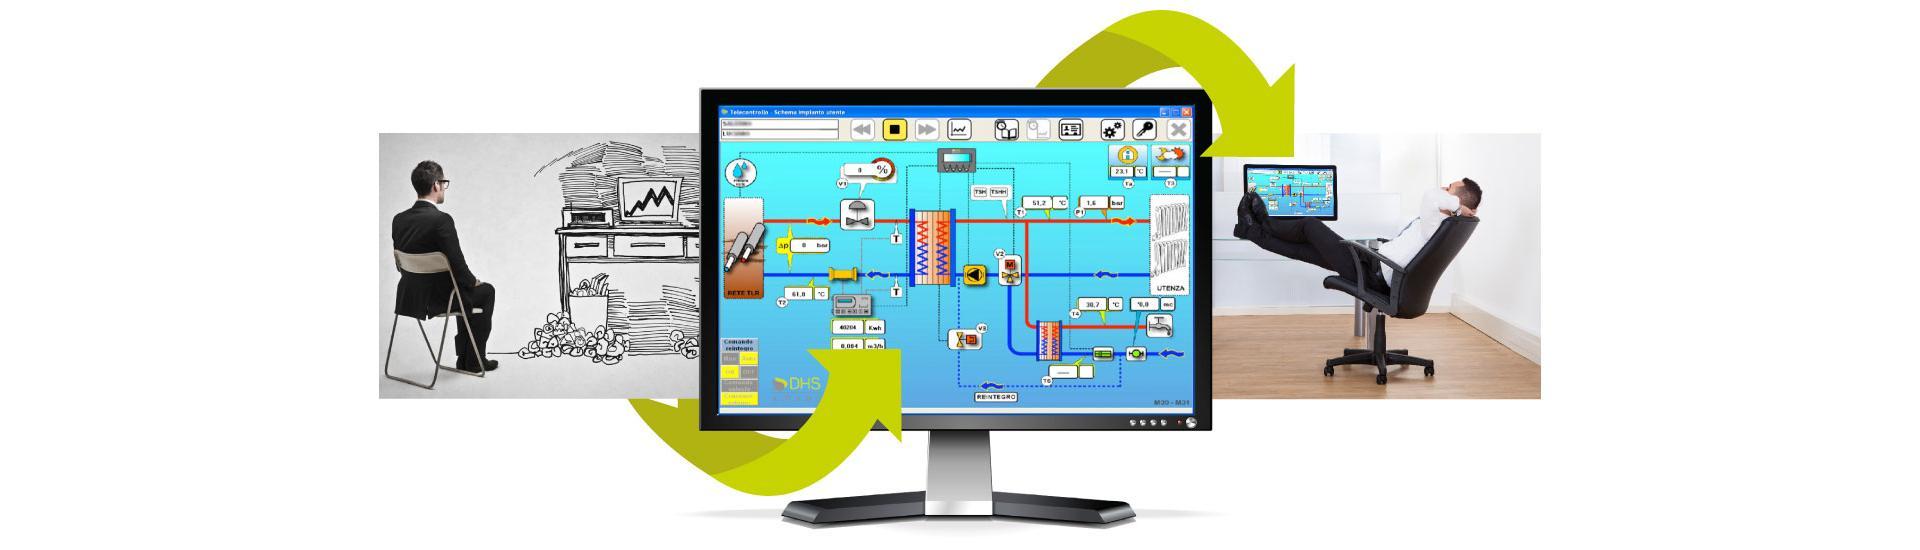 LIBERO 500, il software gestionale per l'ottimizzazione degli impianti di teleriscaldamento Amarc DHS.